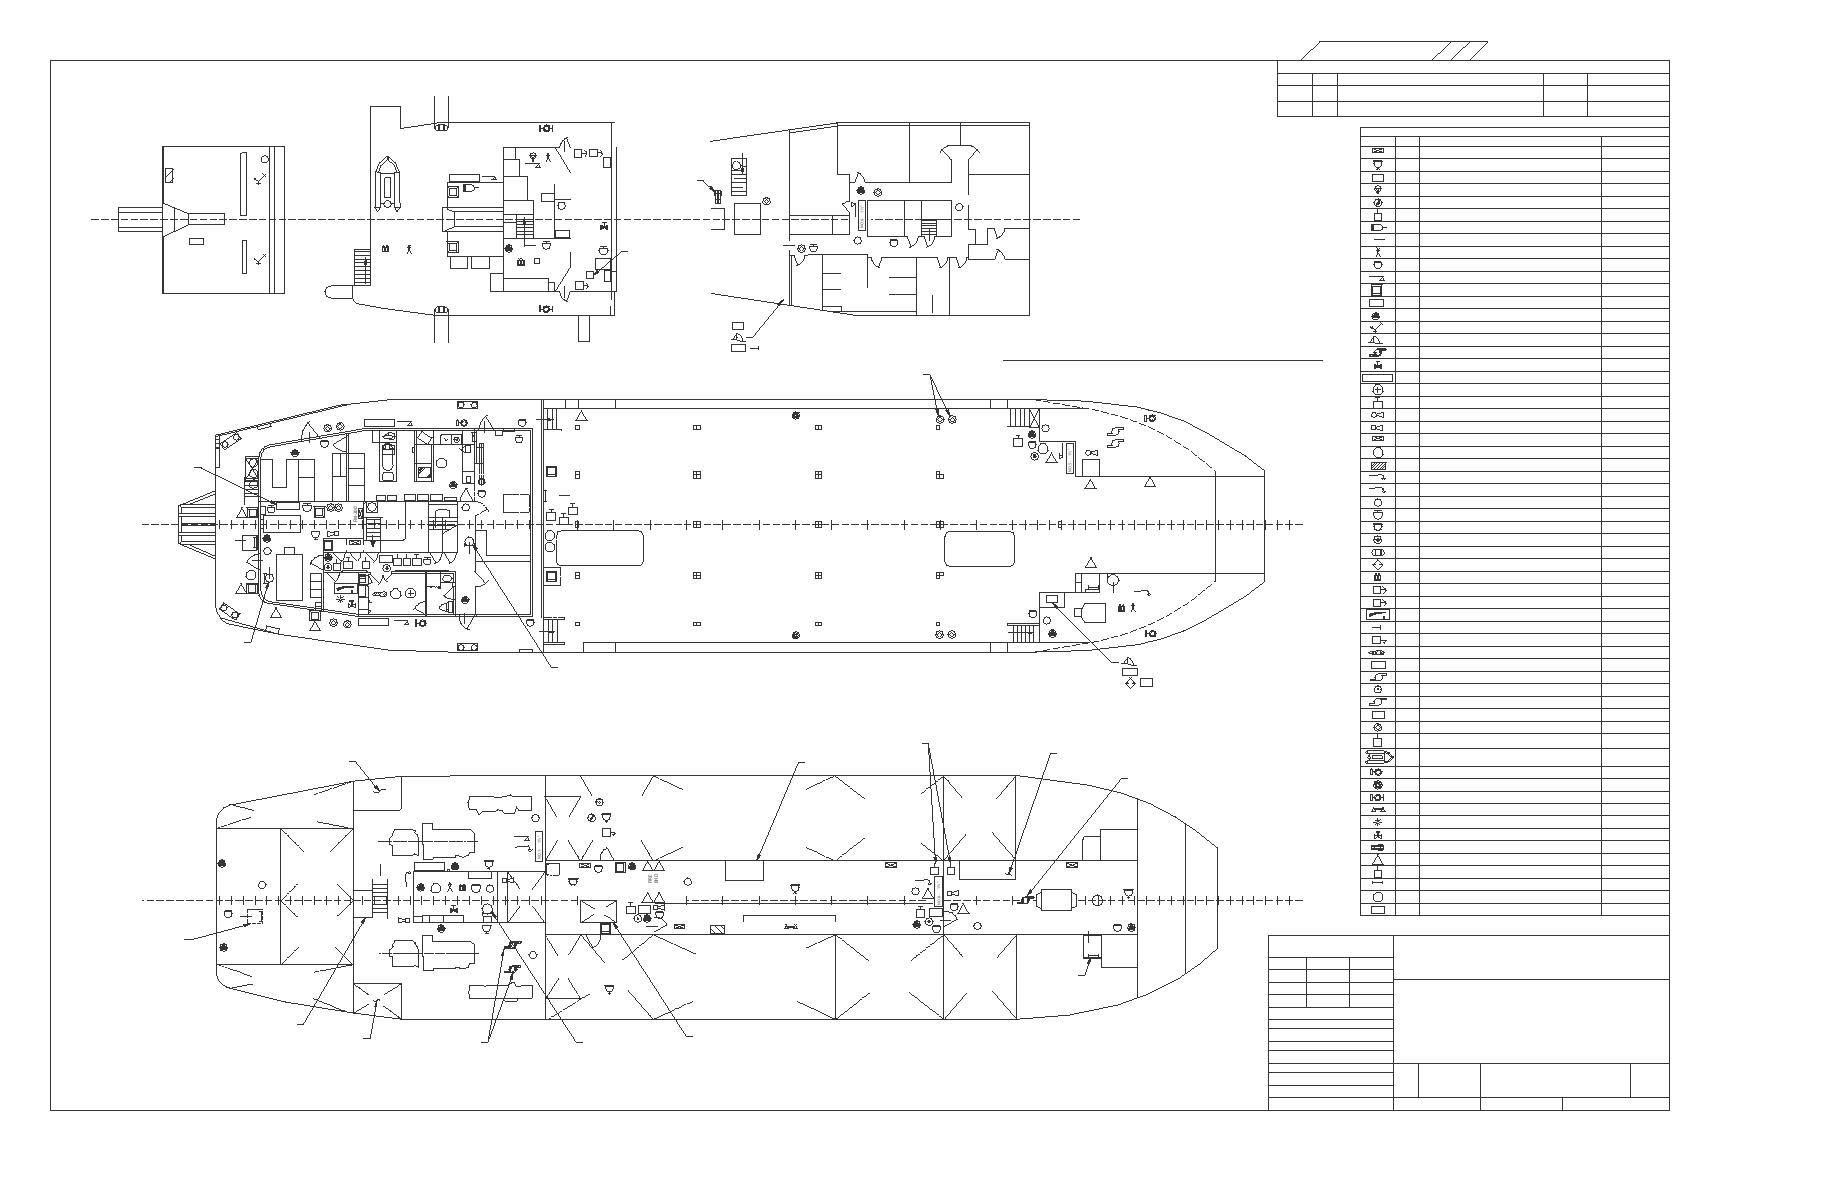 ship fire control plan pdf